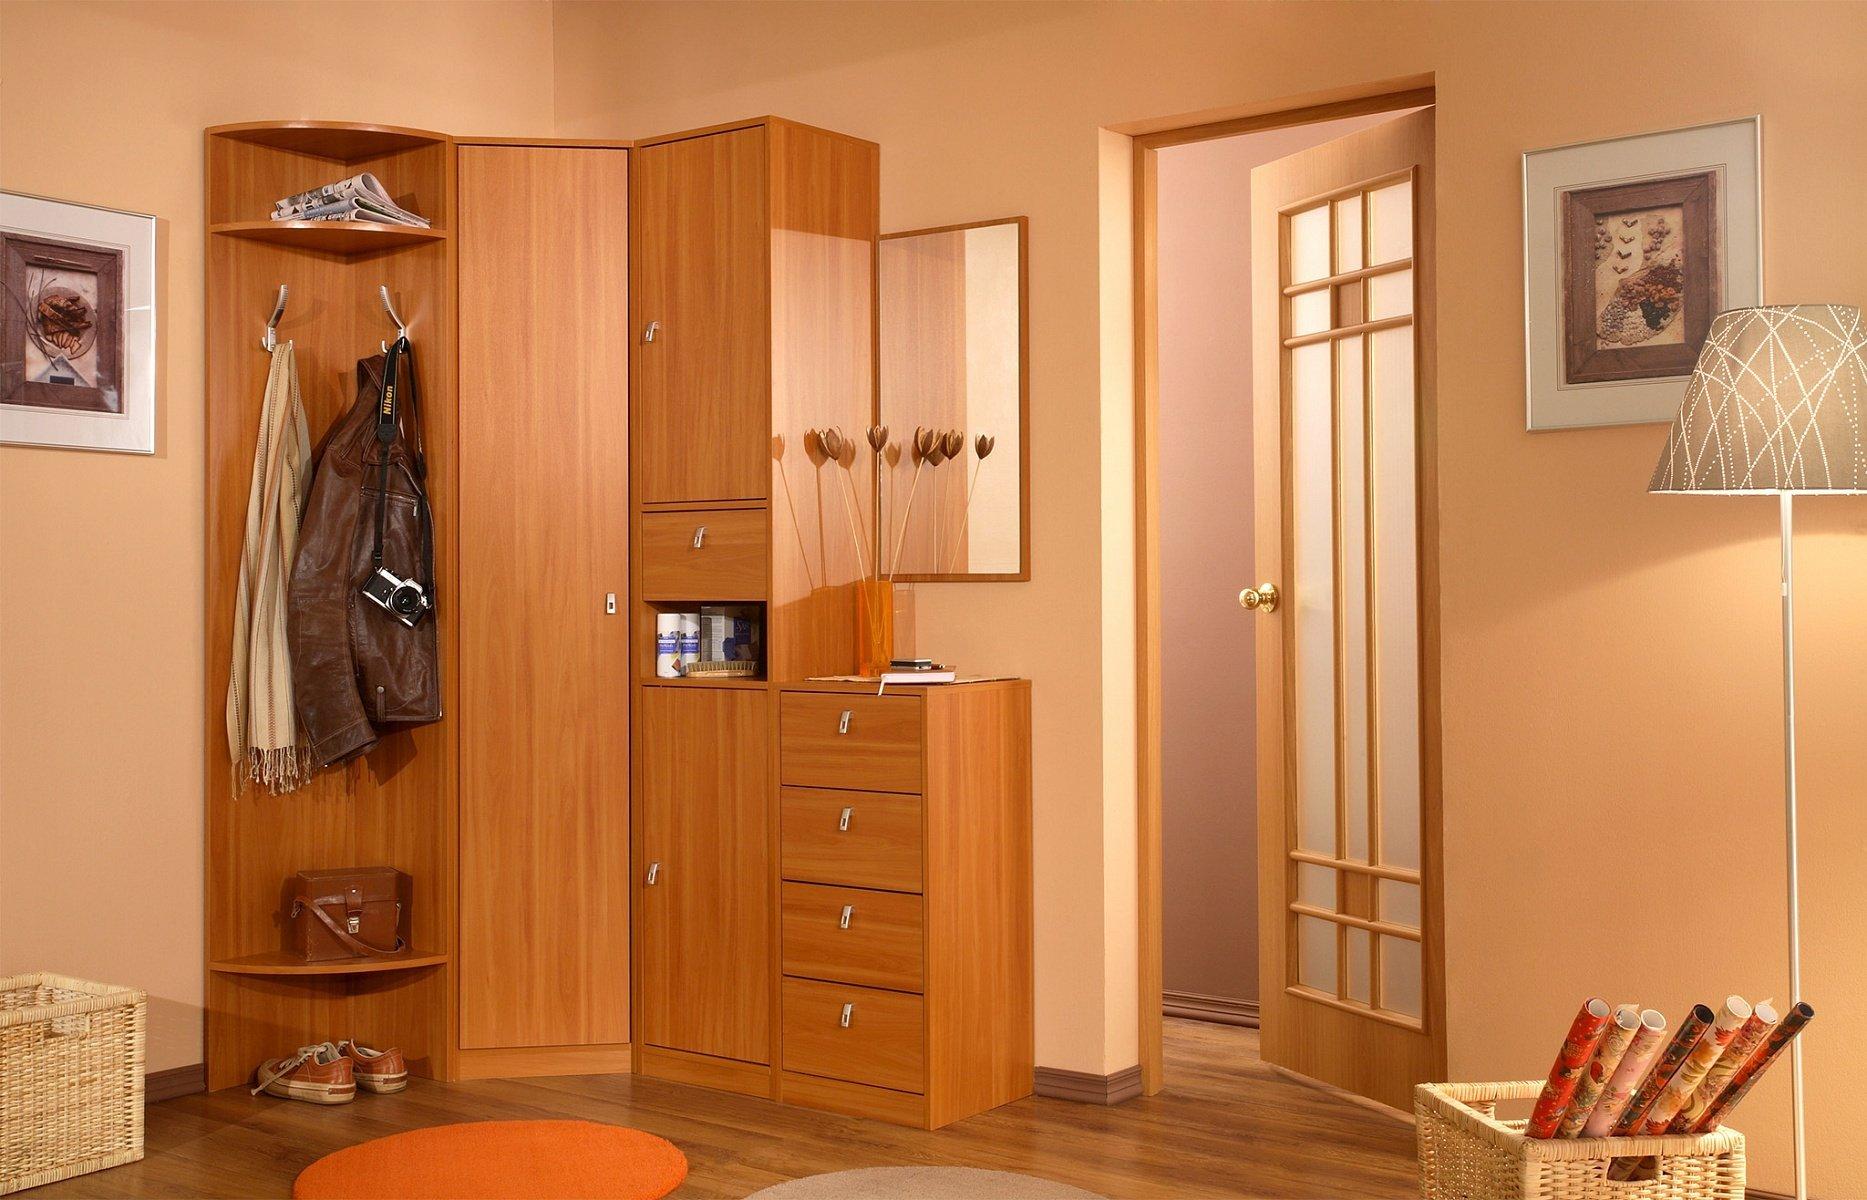 Petit couloir en bois à l'intérieur